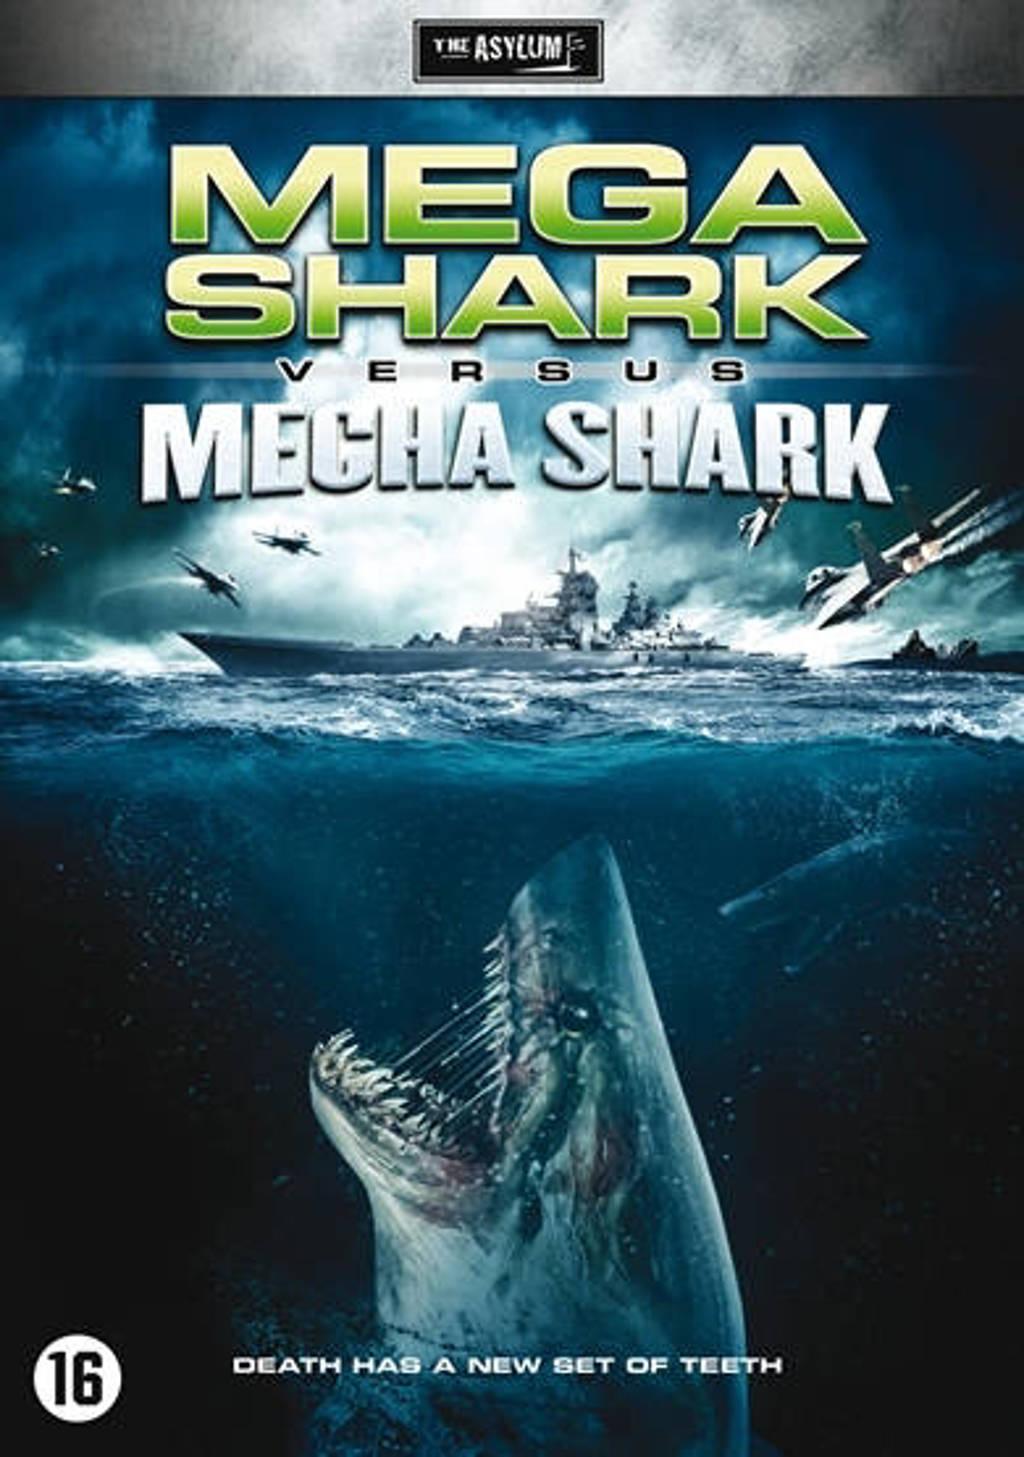 Mega shark vs mecha shark (DVD)